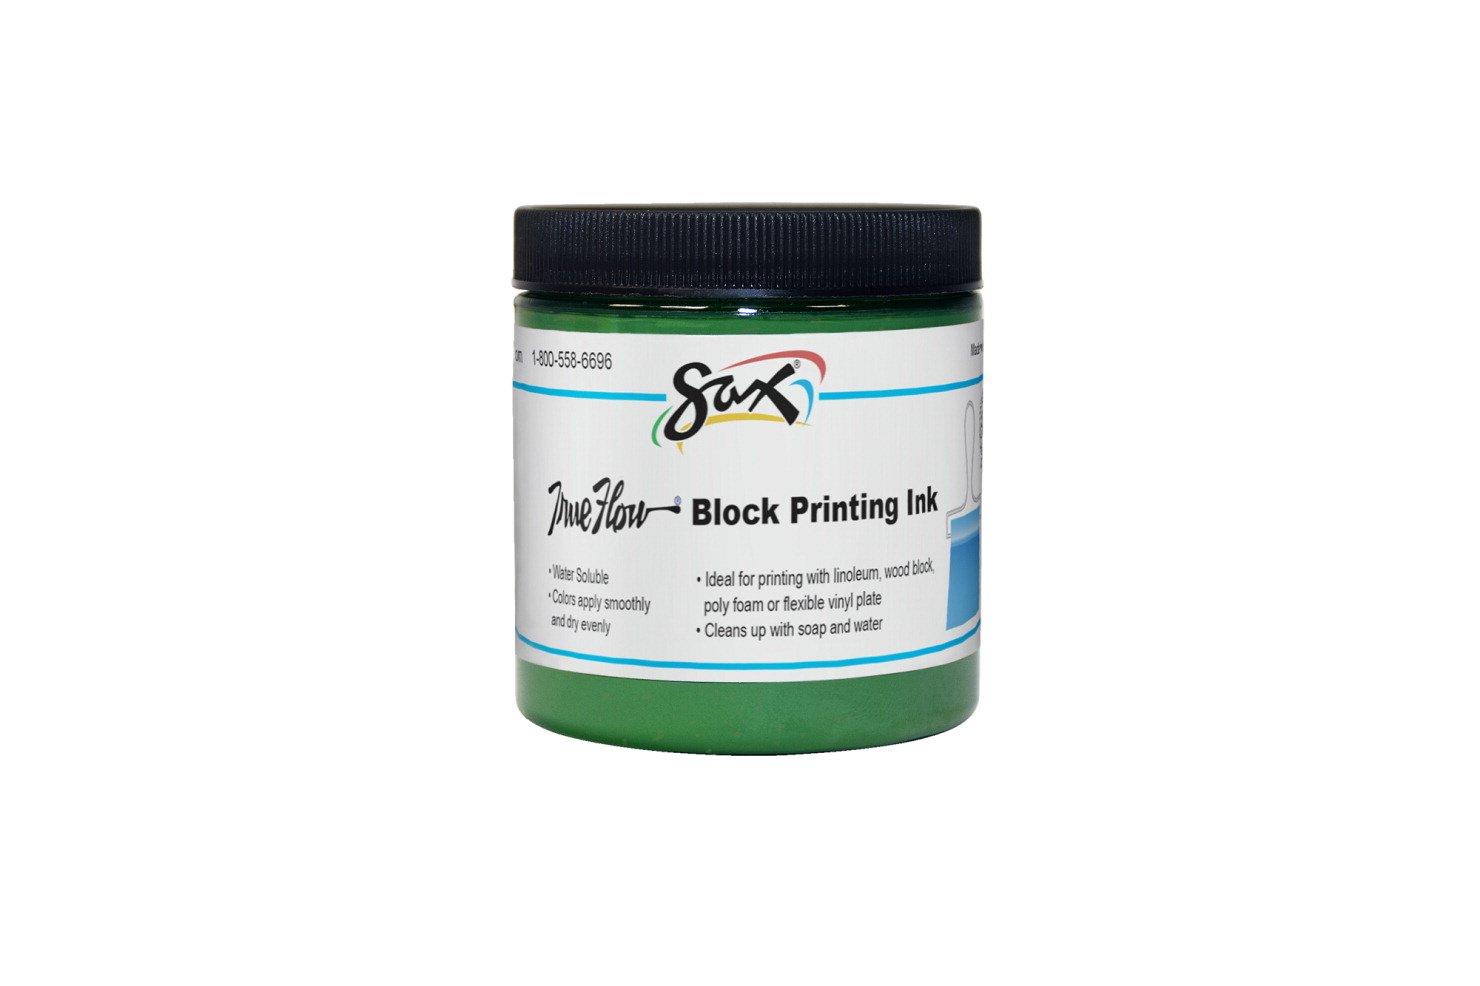 Sax True Flow Water Soluble Block Printing Ink - 8 Ounce Jar - Green